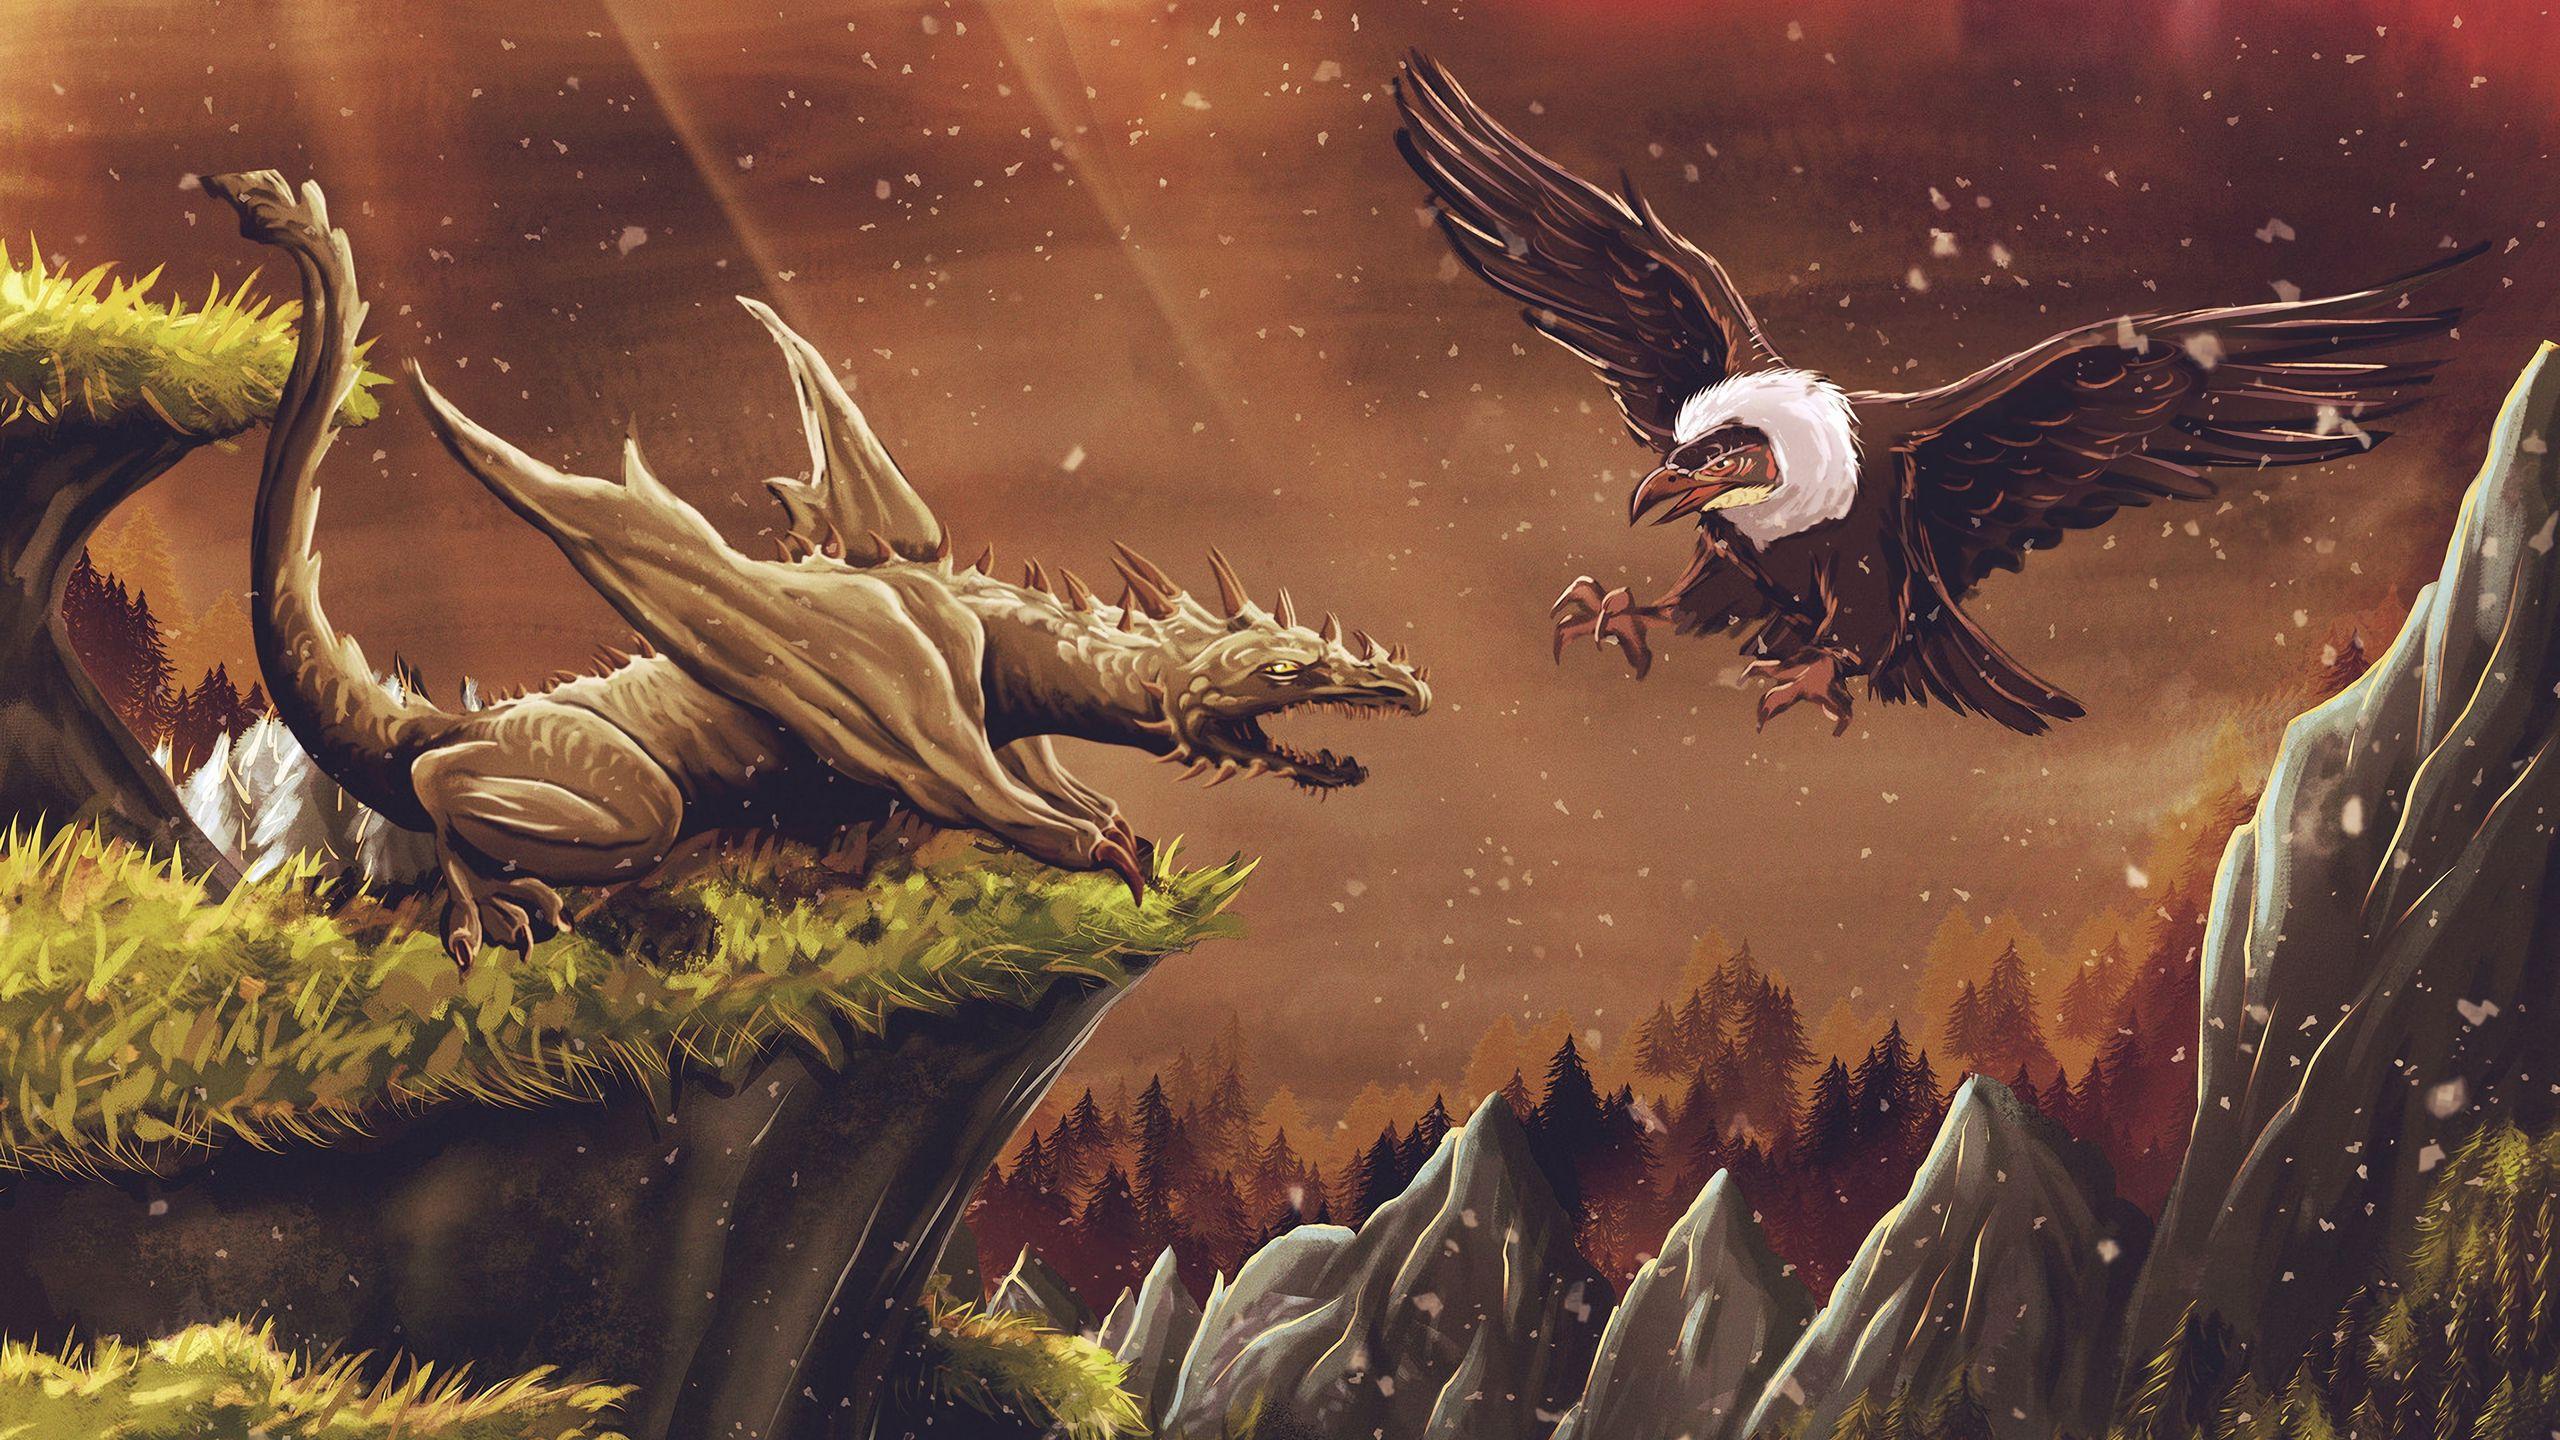 2560x1440 Wallpaper dragon, vulture, bird, art, fiction